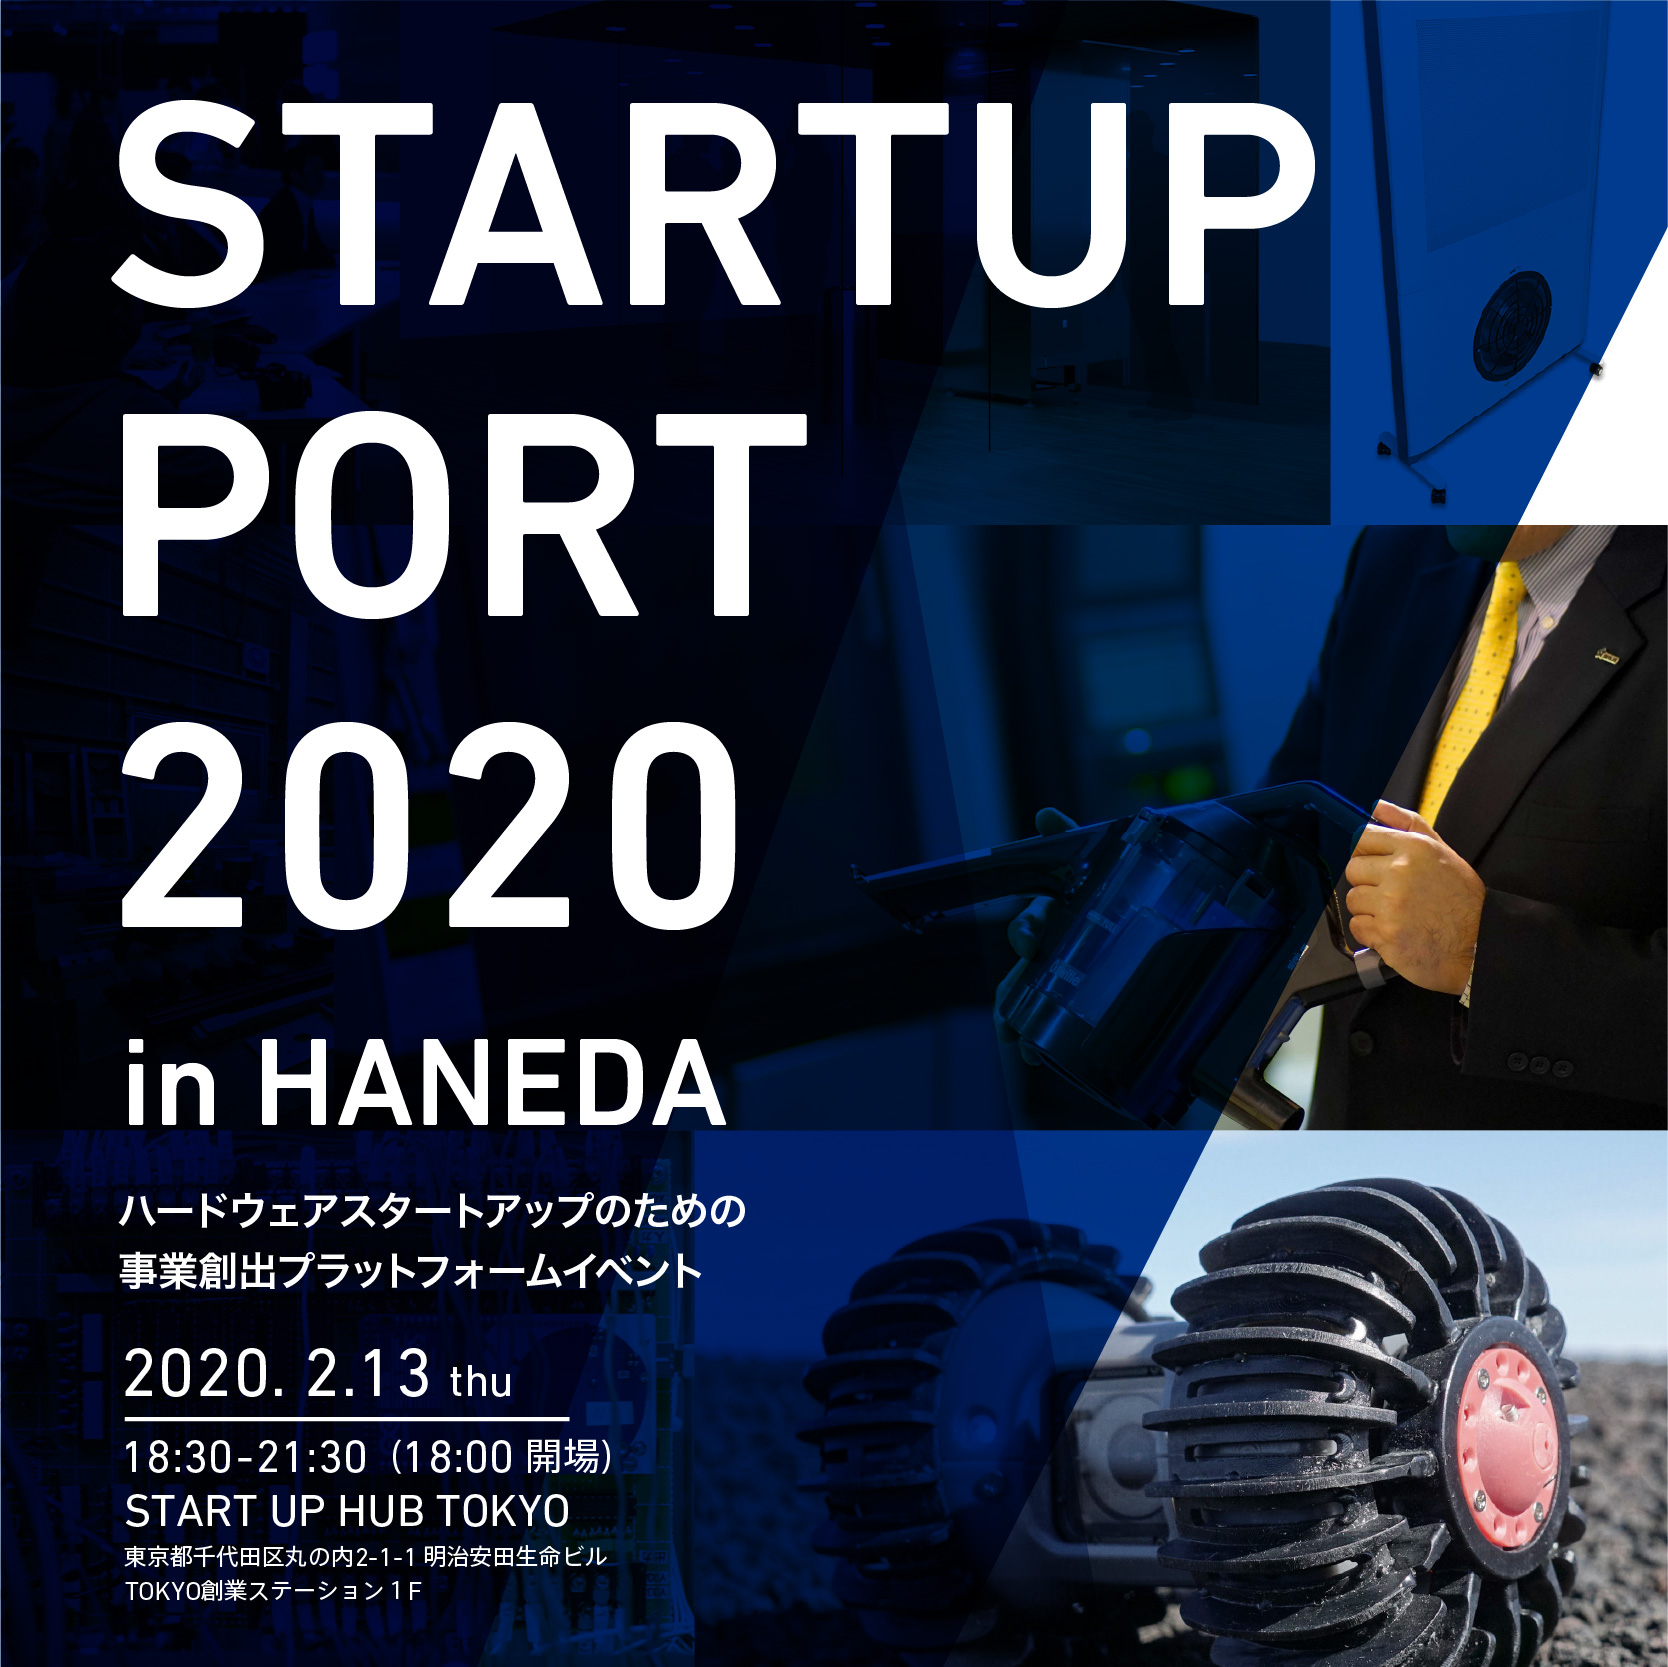 『イベント開催』STARTUP PORT 2020